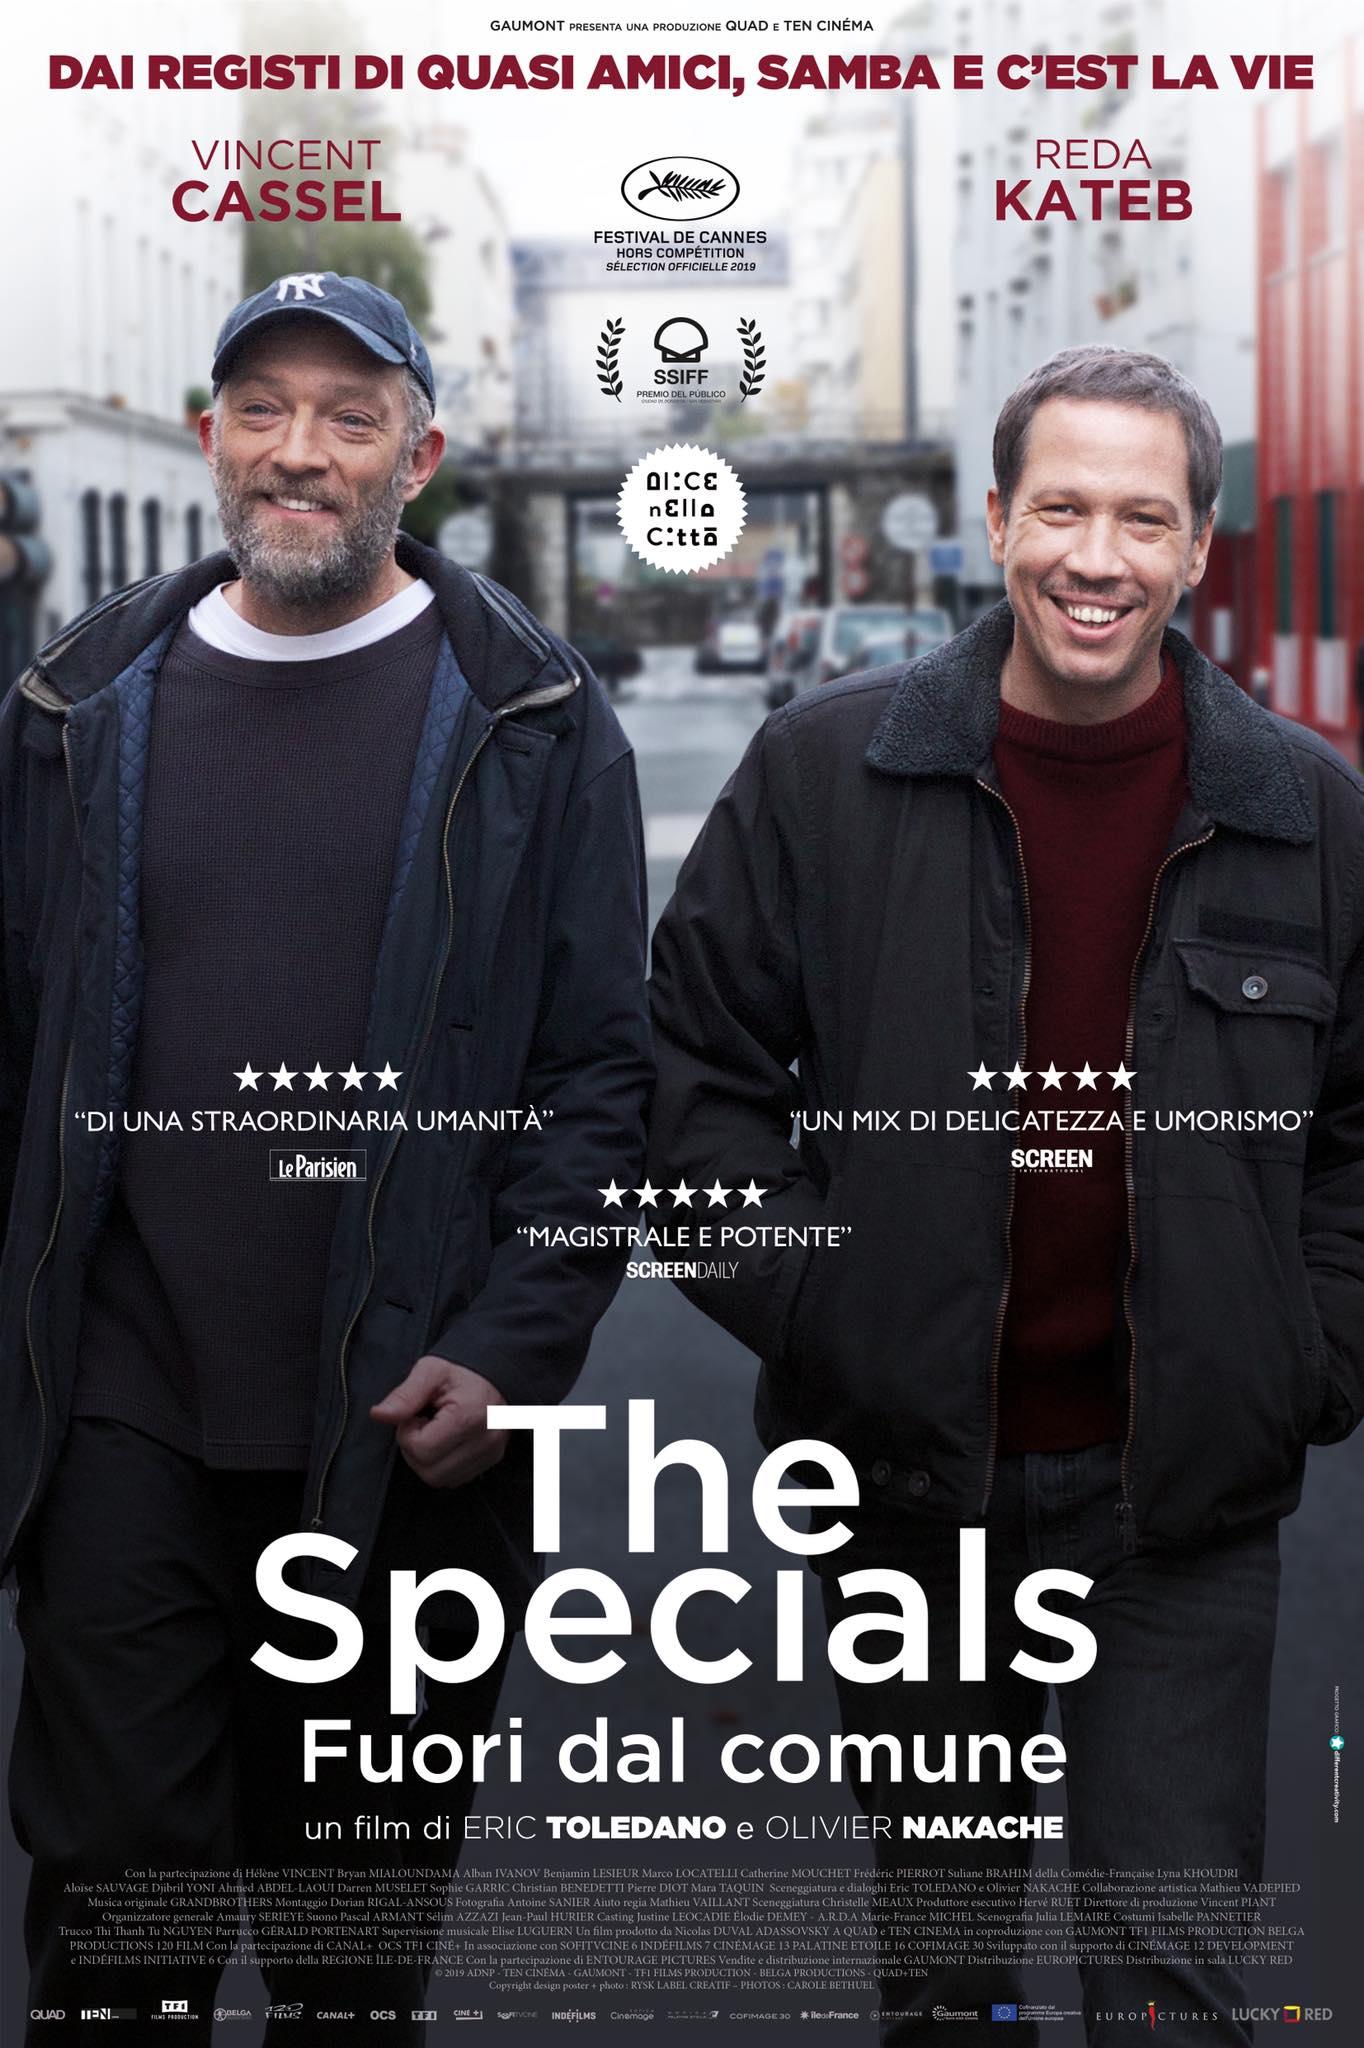 The Specials: manifesto italiano del film